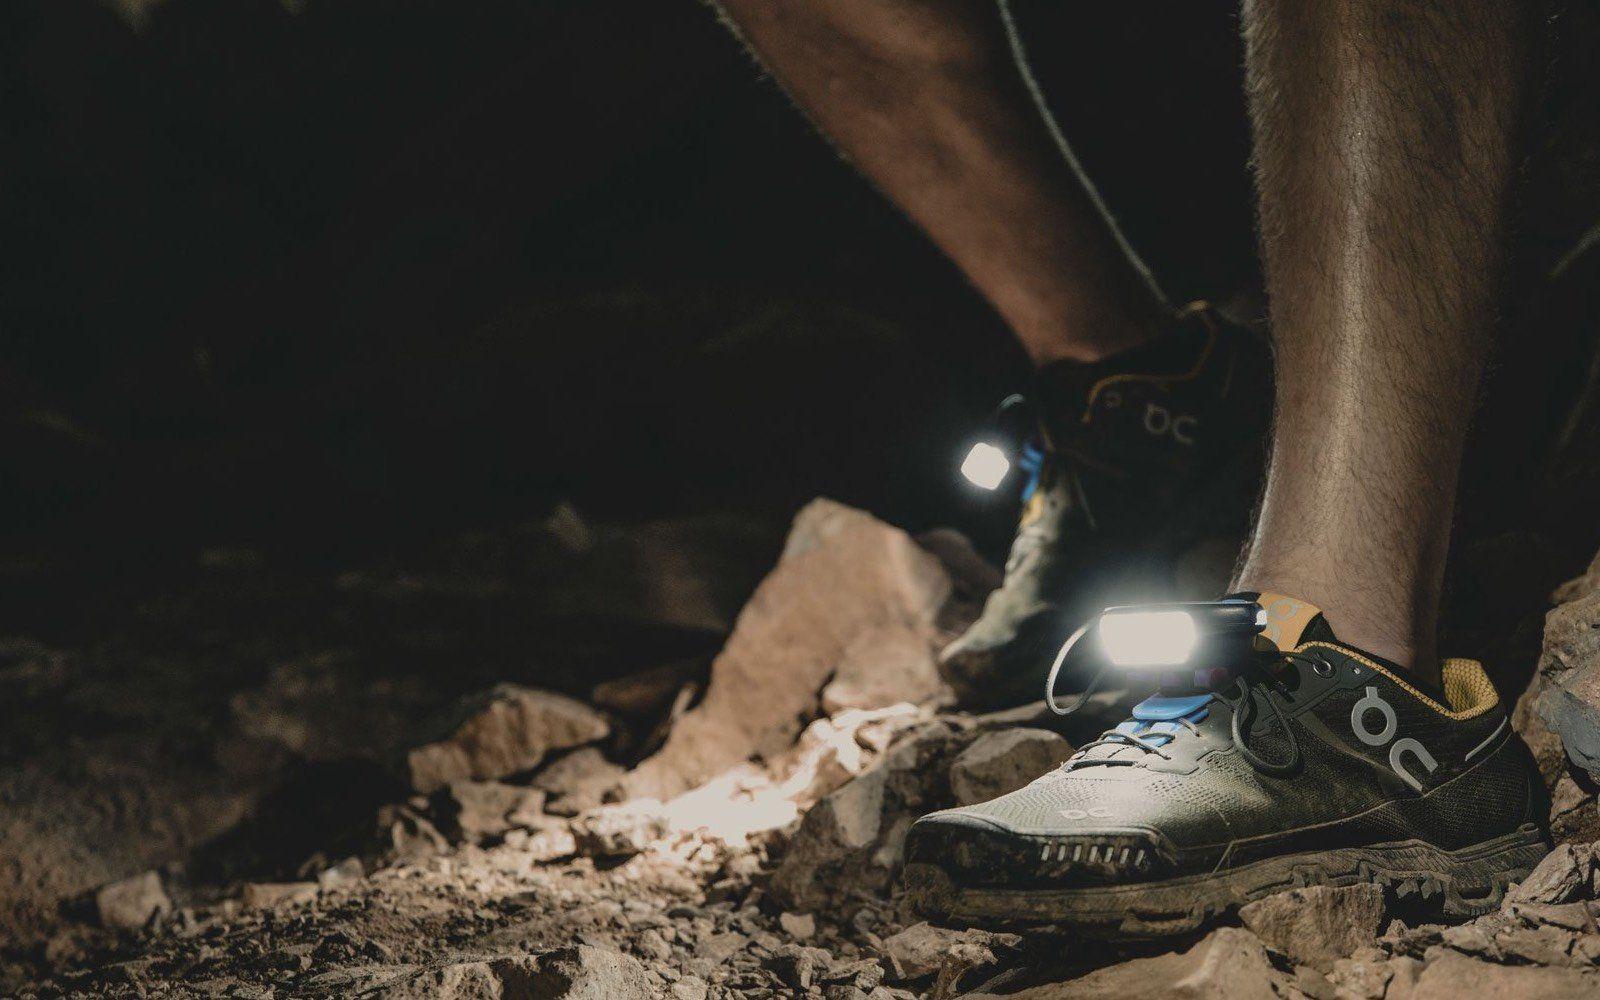 Night Trek Xtreme Schuhlichter für Läufer und Wanderer als Alternative zu Stirnlampen und Brustlampen